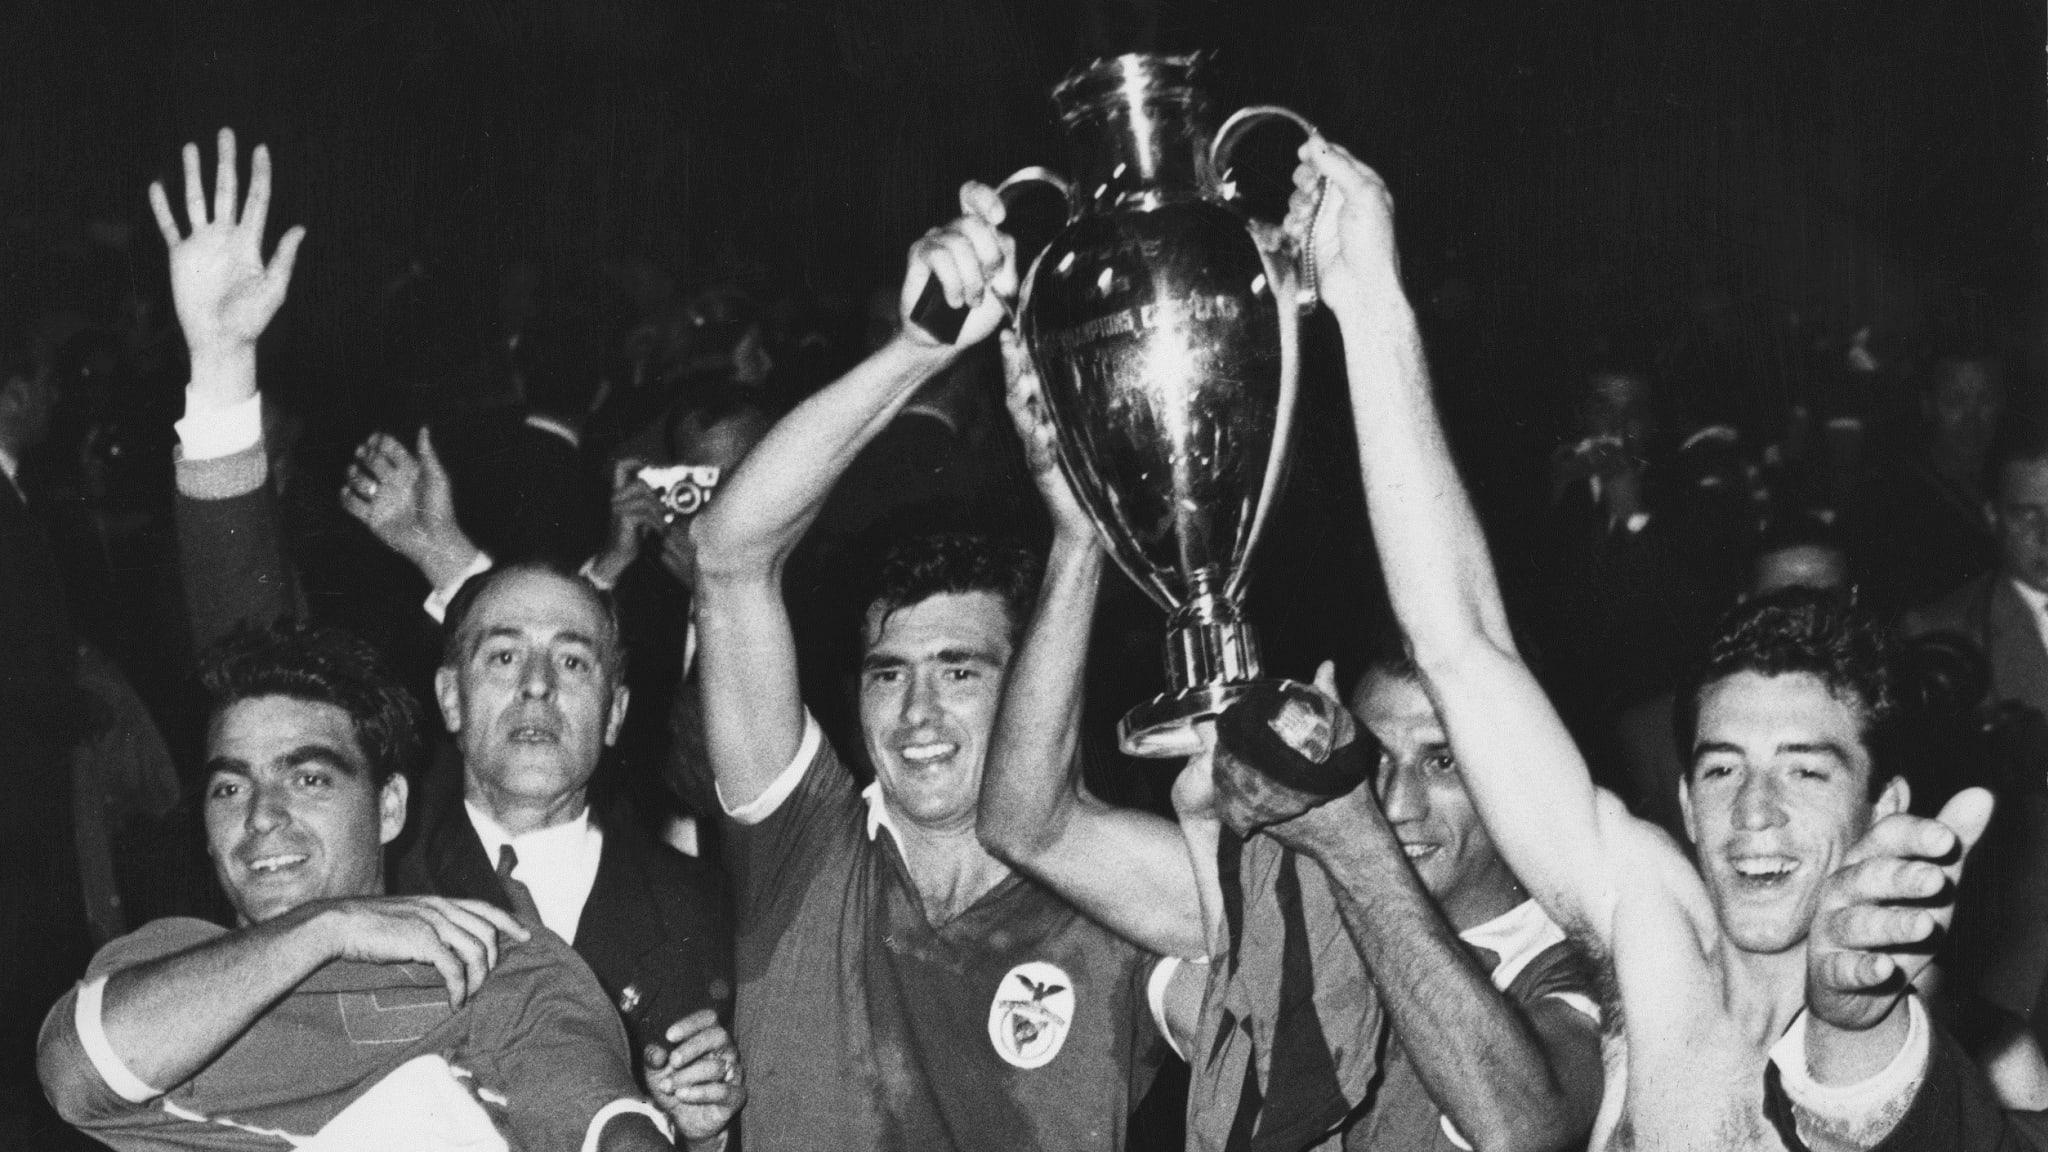 60 лет назад в финале КЕЧ впервые не сыграл мадридский «Реал». Титул разыграли «Бенфика» и «Барселона»